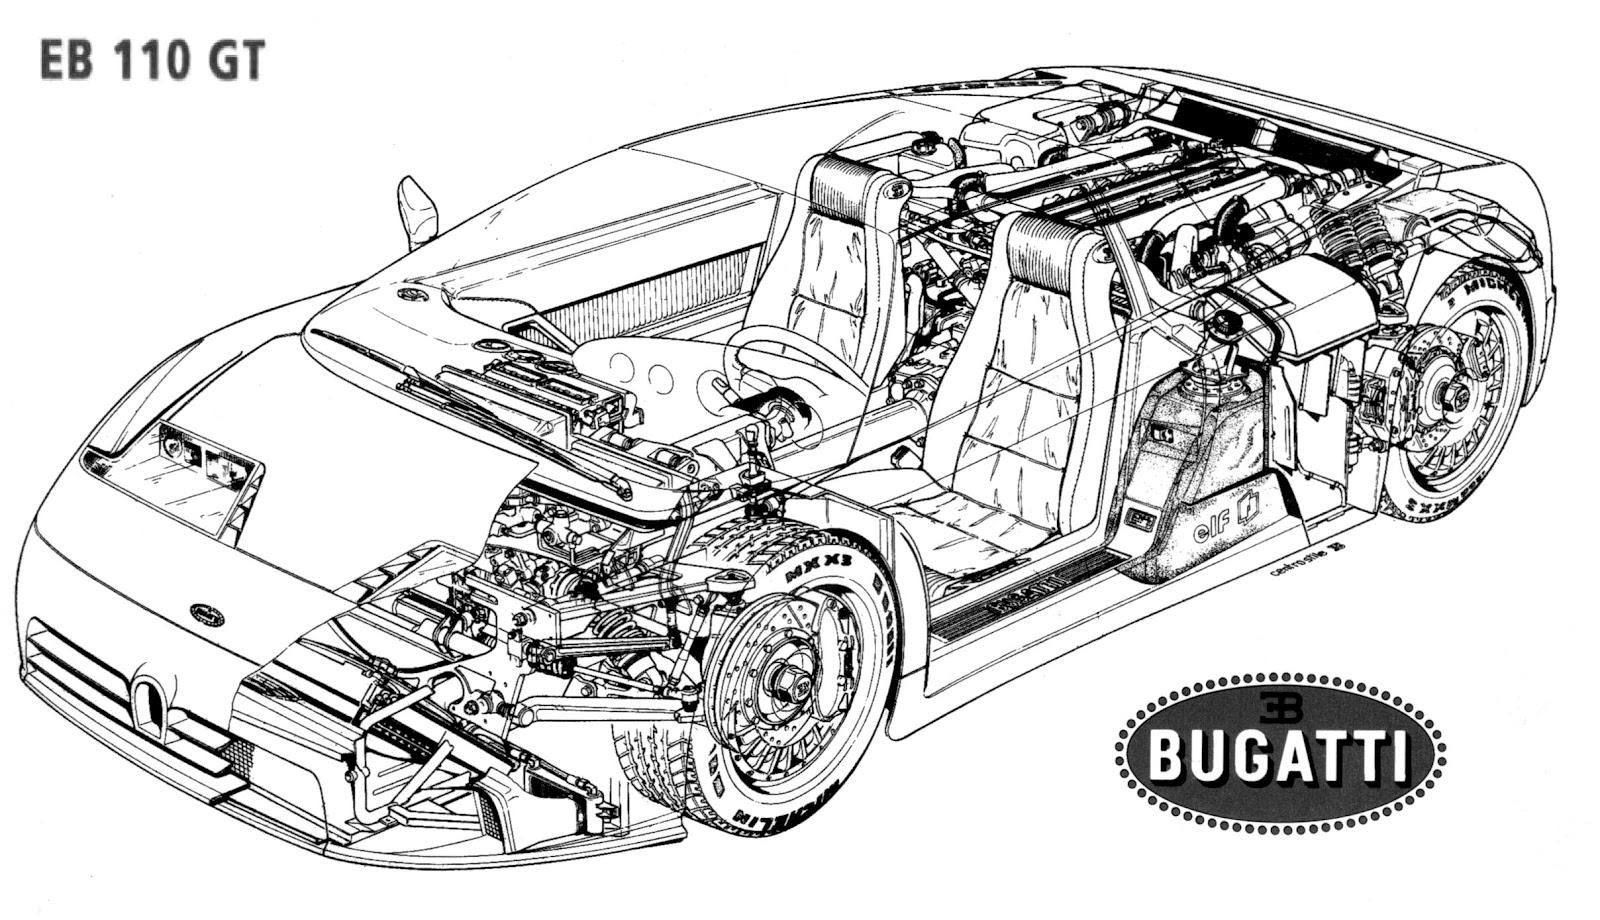 Bugatti%2520EB-110-Cutaway.jpg